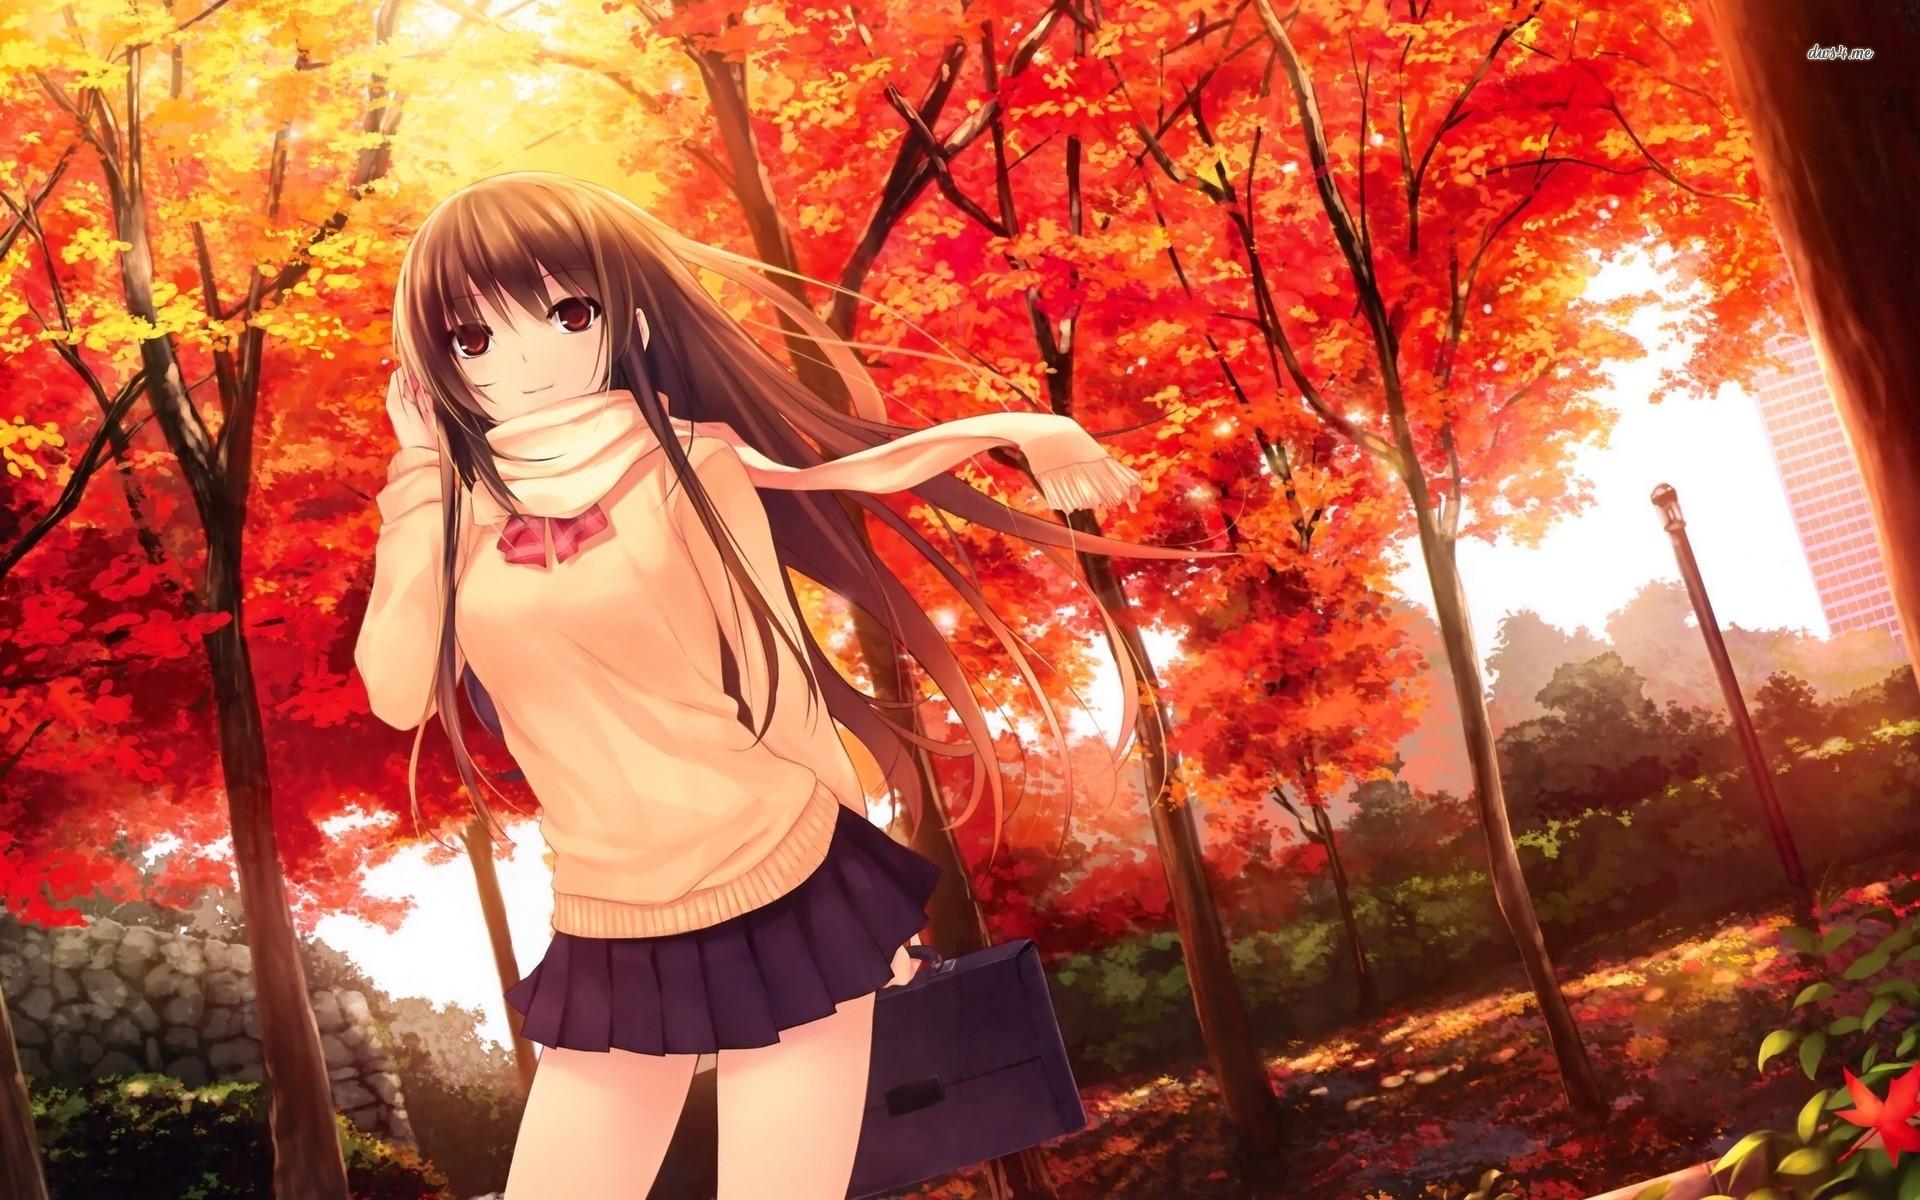 Girl in the autumn park Anime HD desktop wallpaper, Park wallpaper, Woman  wallpaper – Anime no.